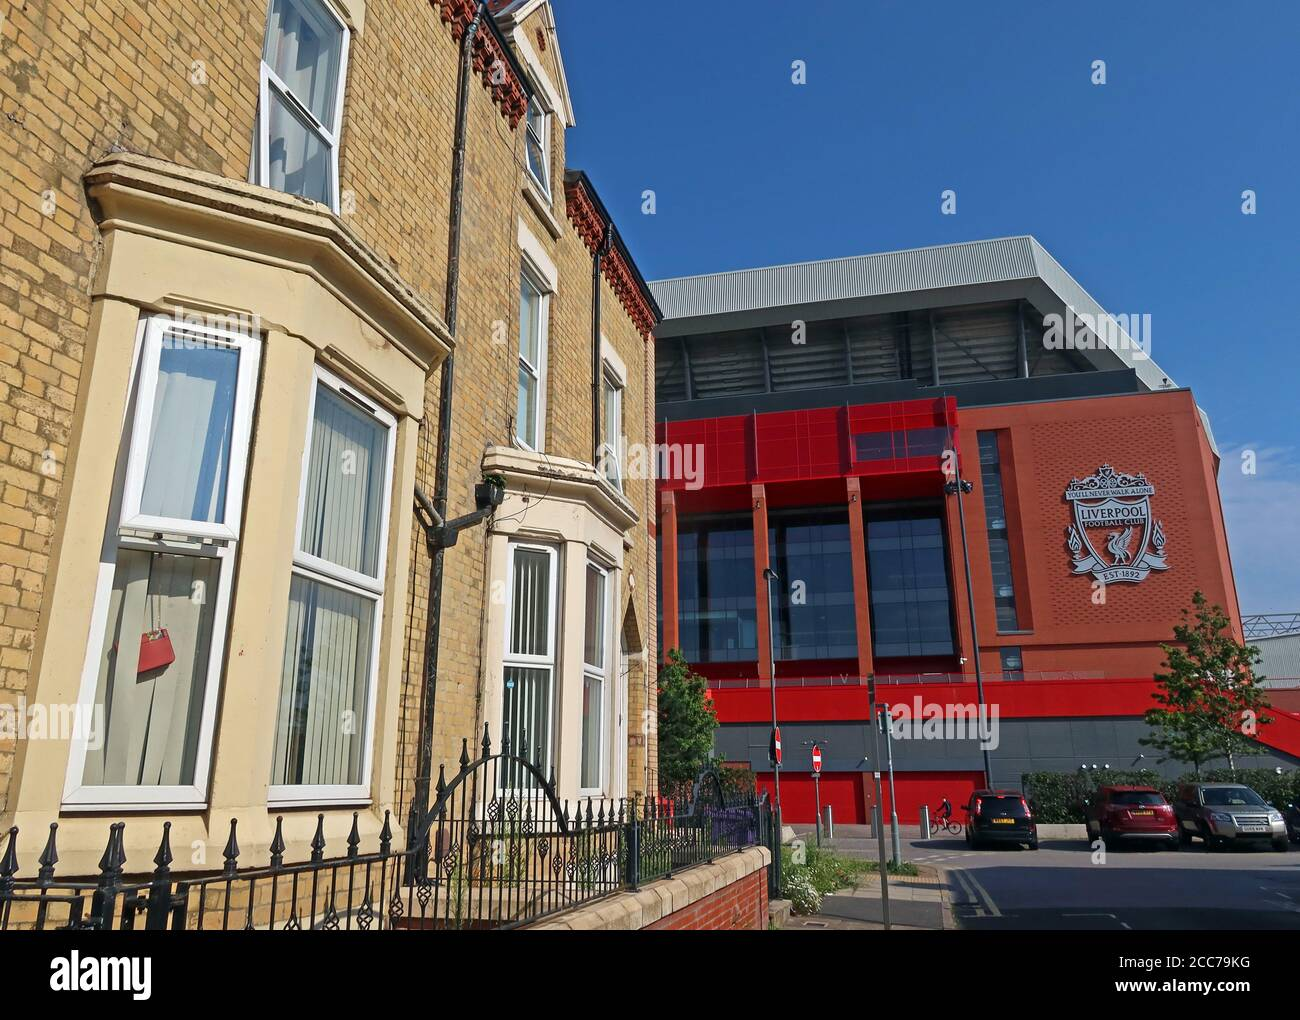 Dieses Stockfoto: Im Schatten von Anfield, im Schatten von Liverpool FC, Anfield, Liverpool, Merseyside, England, Großbritannien - 2CC79K